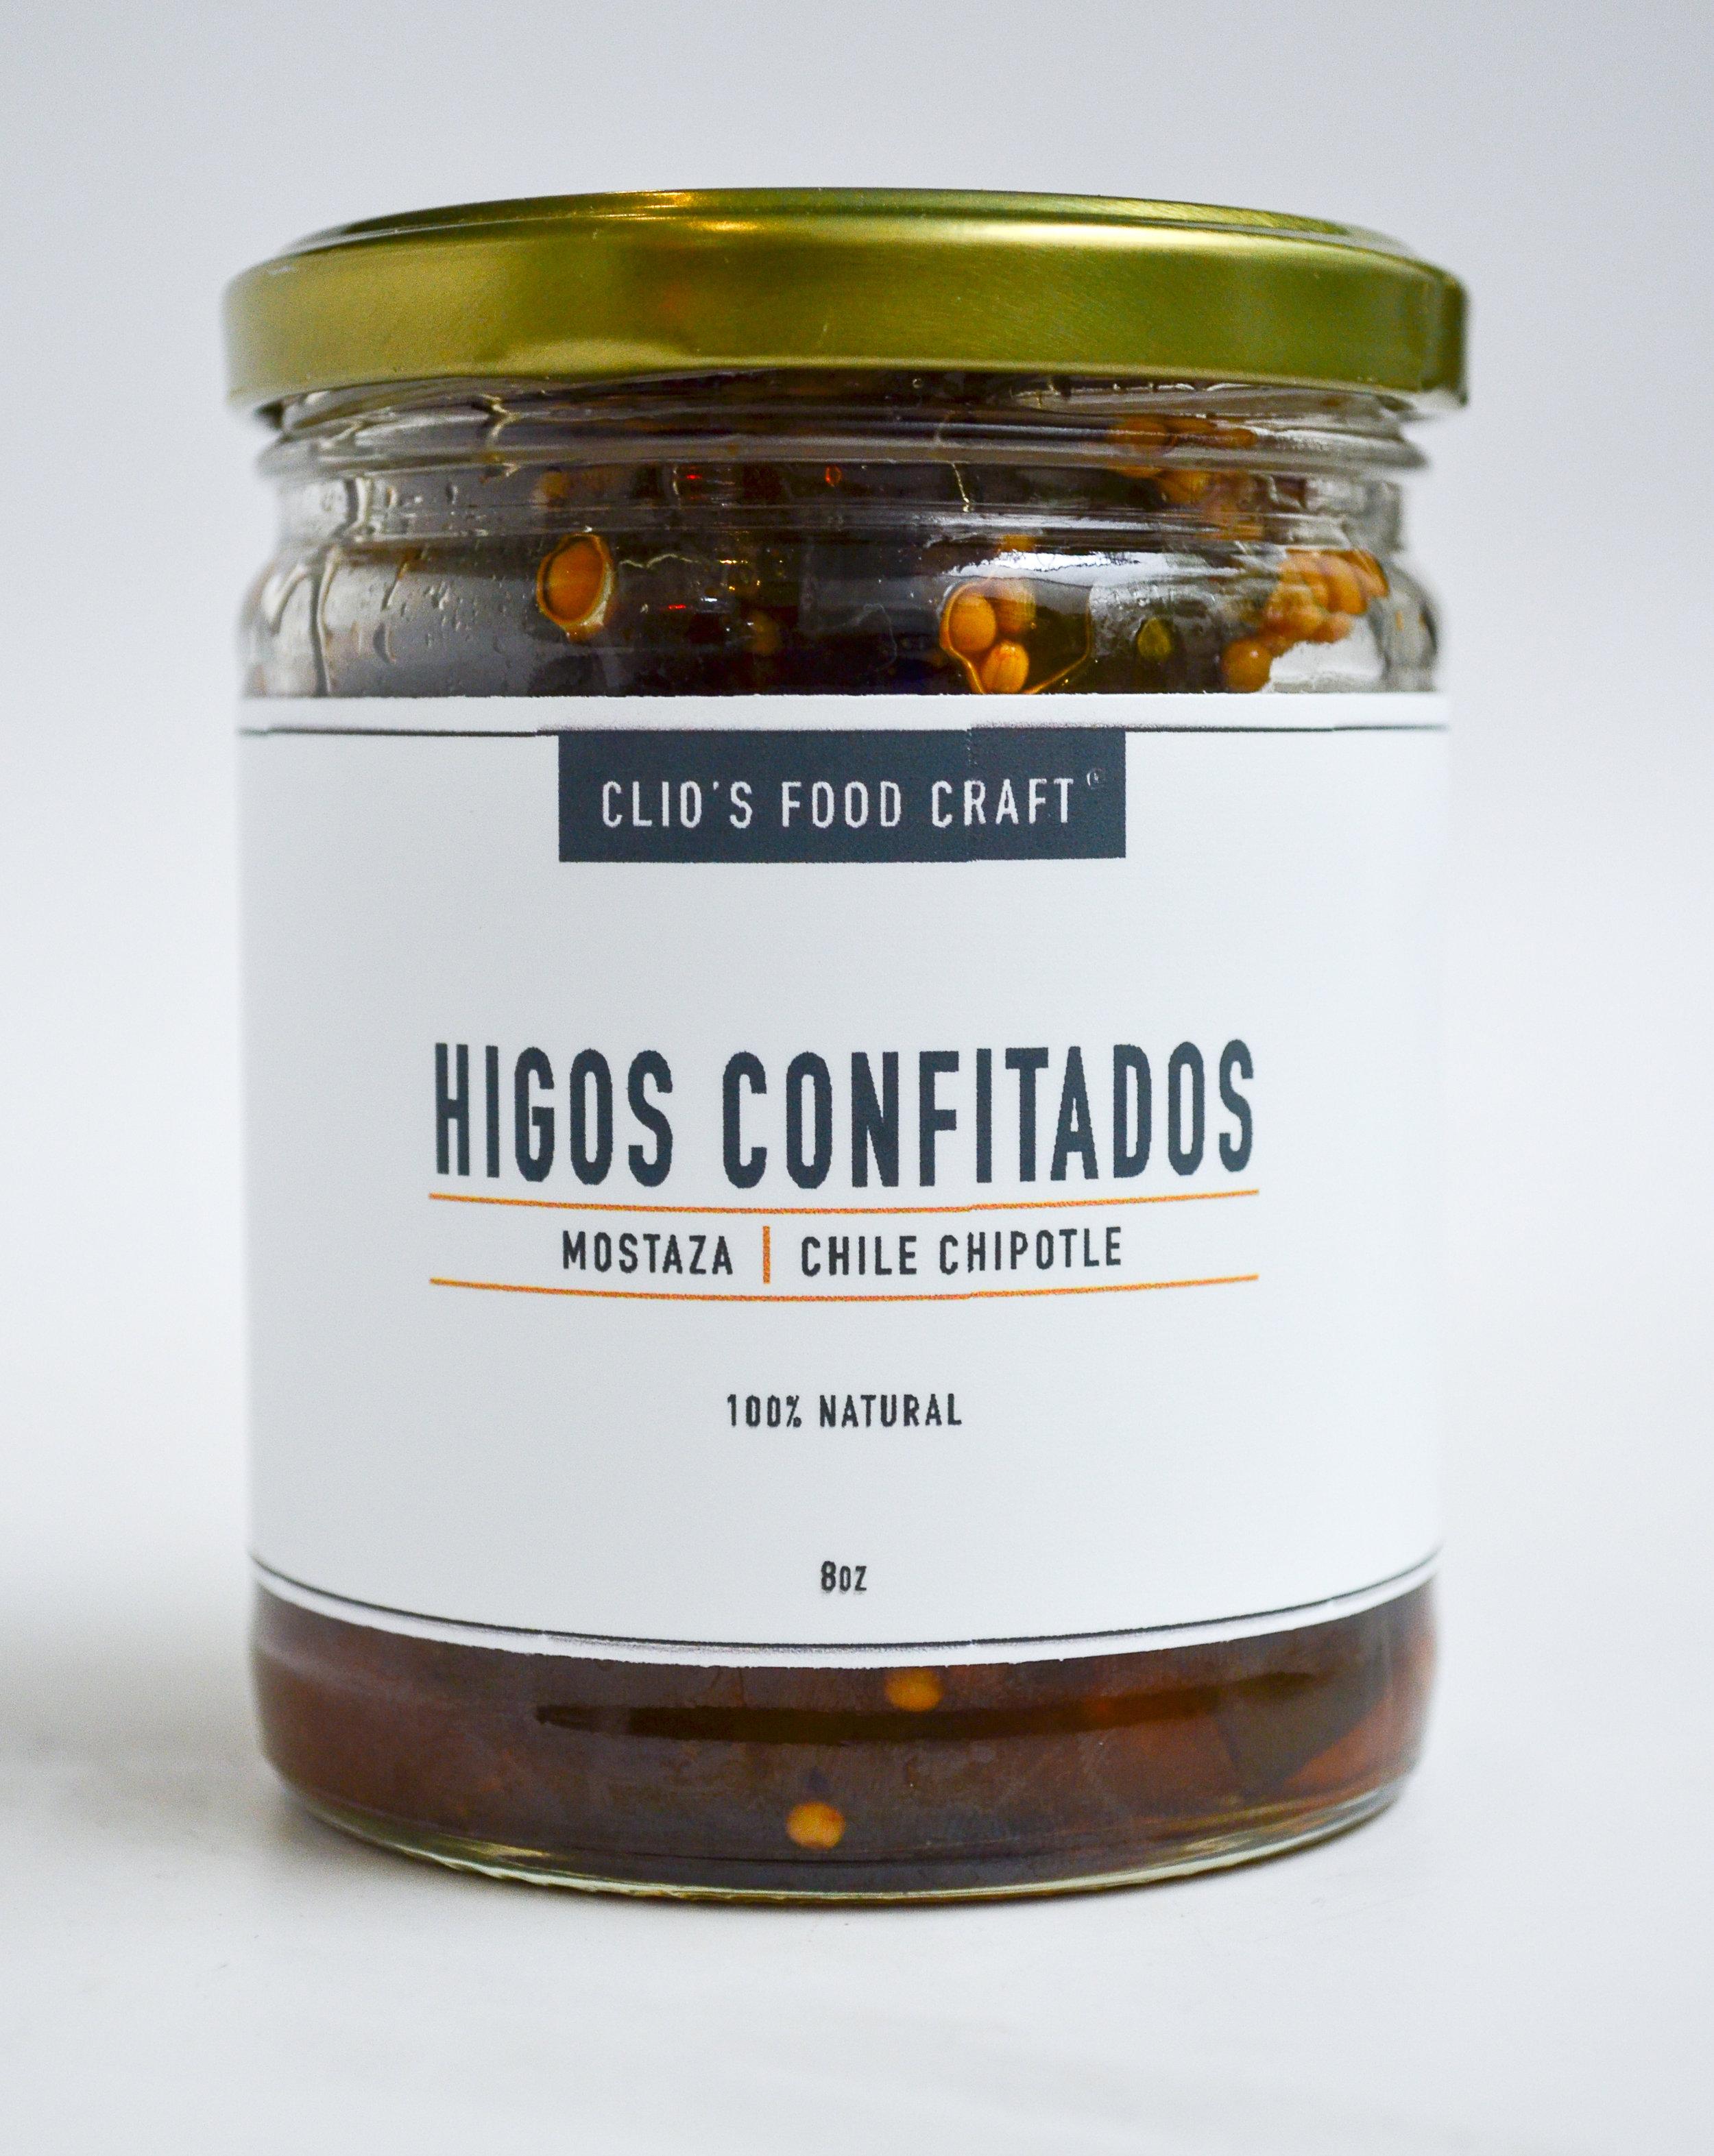 HIGOS CONFITADOS - Q.45   8oz